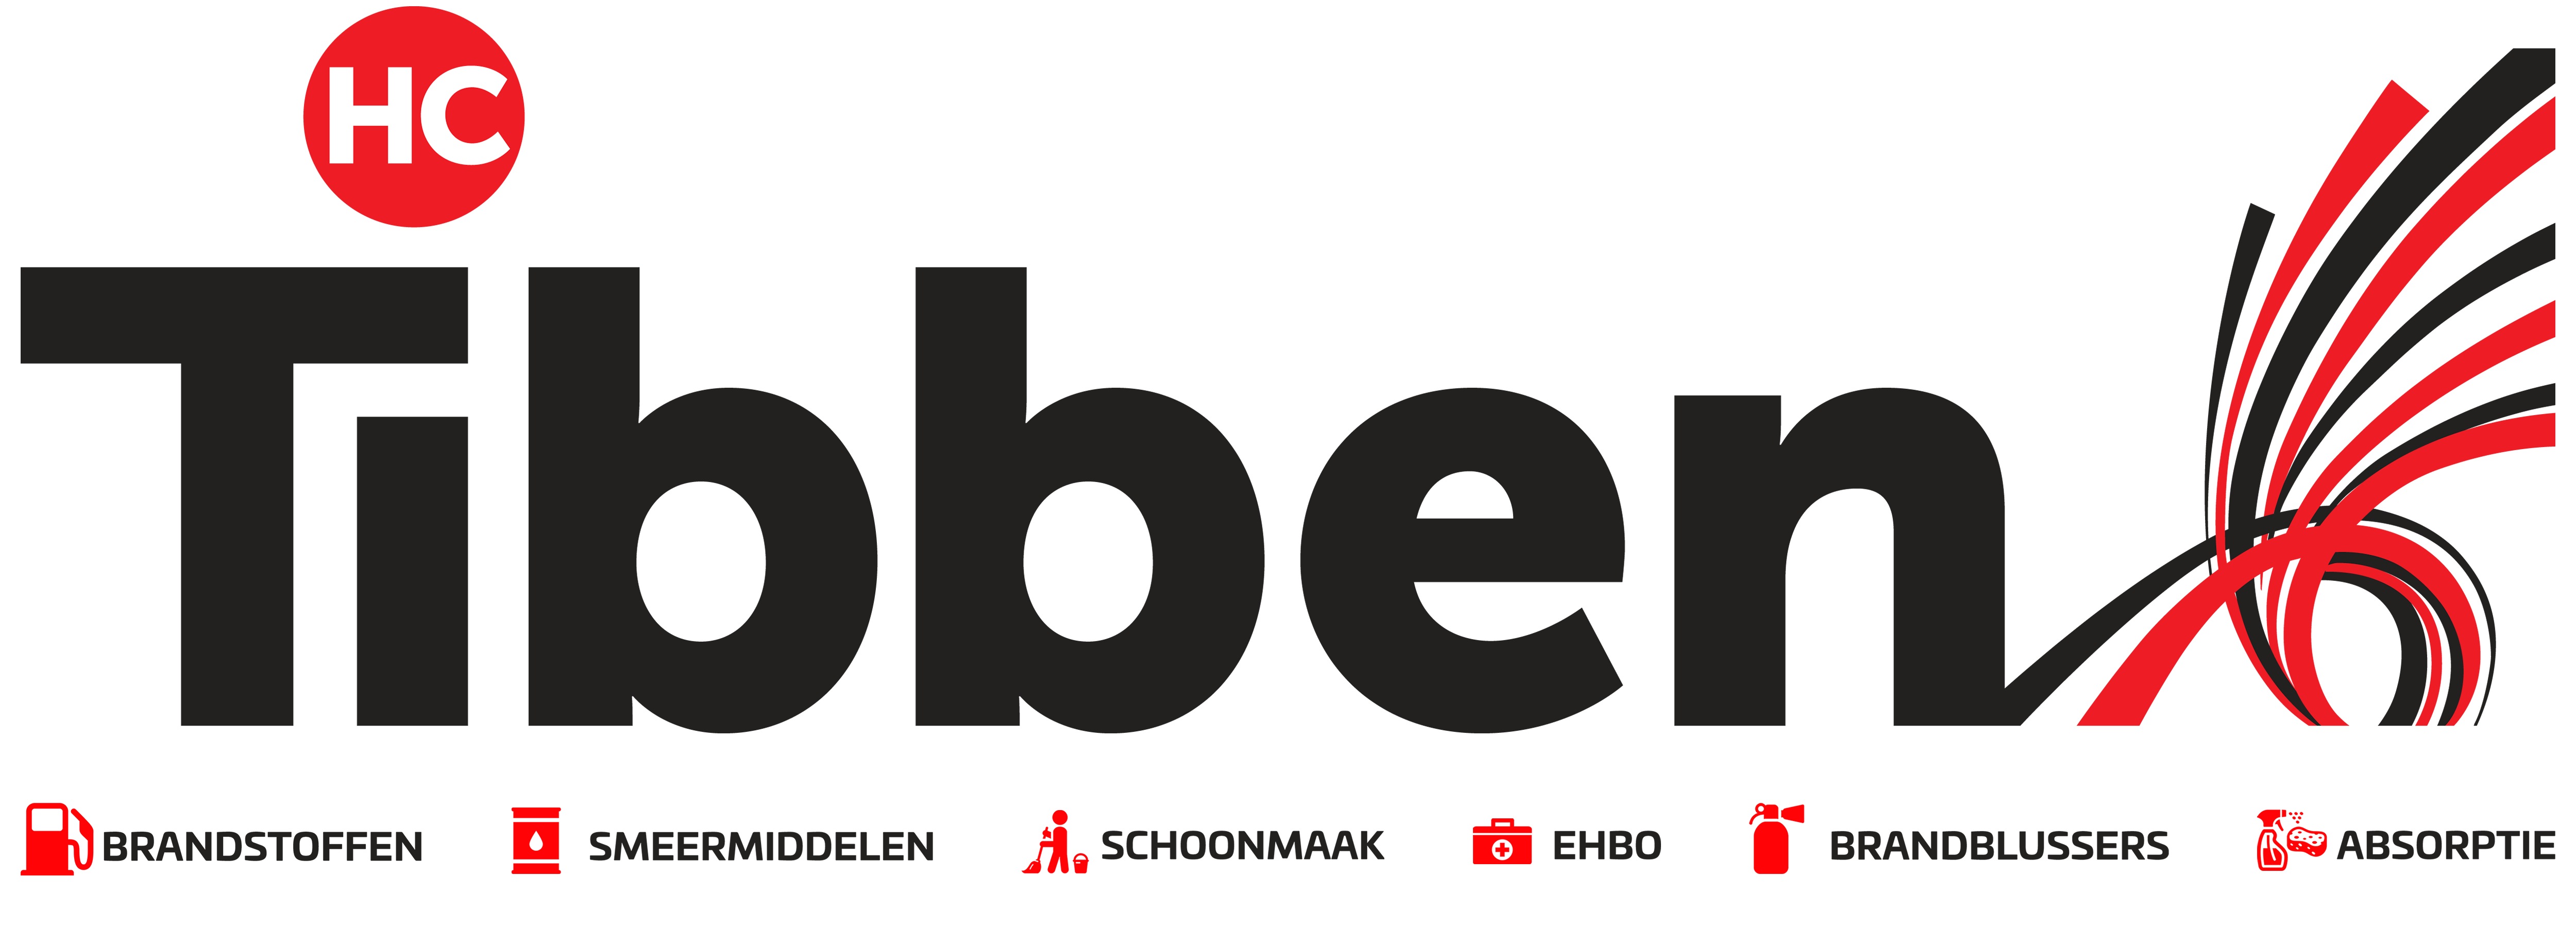 hctibben.nl Ruim assortiment Oliën, Vetten, smeermiddelen en Innovatie Brandblussers